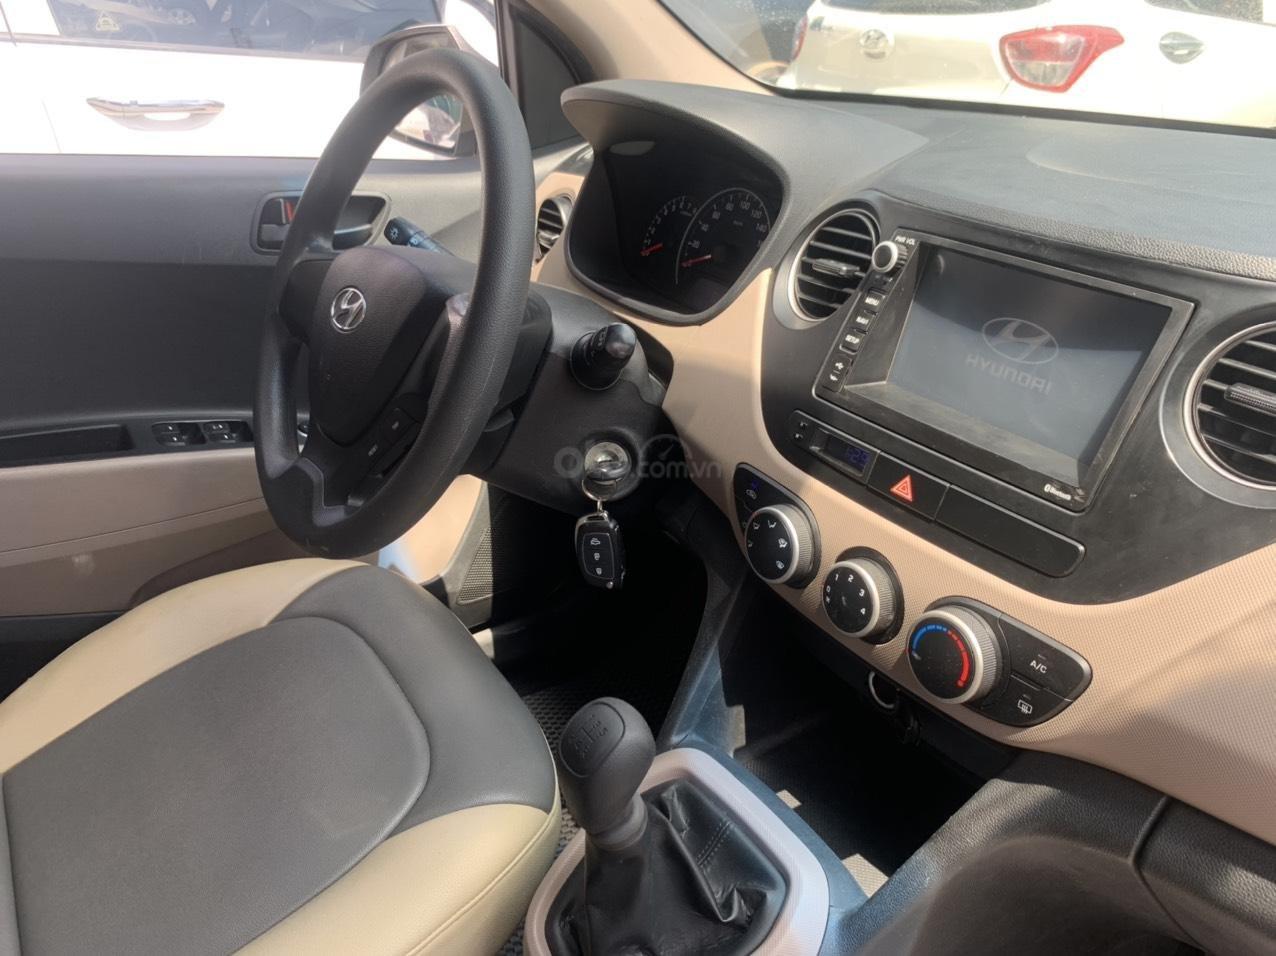 Cần bán xe Hyundai Grand i10 MT 1.0, sản xuất năm 2016 (7)